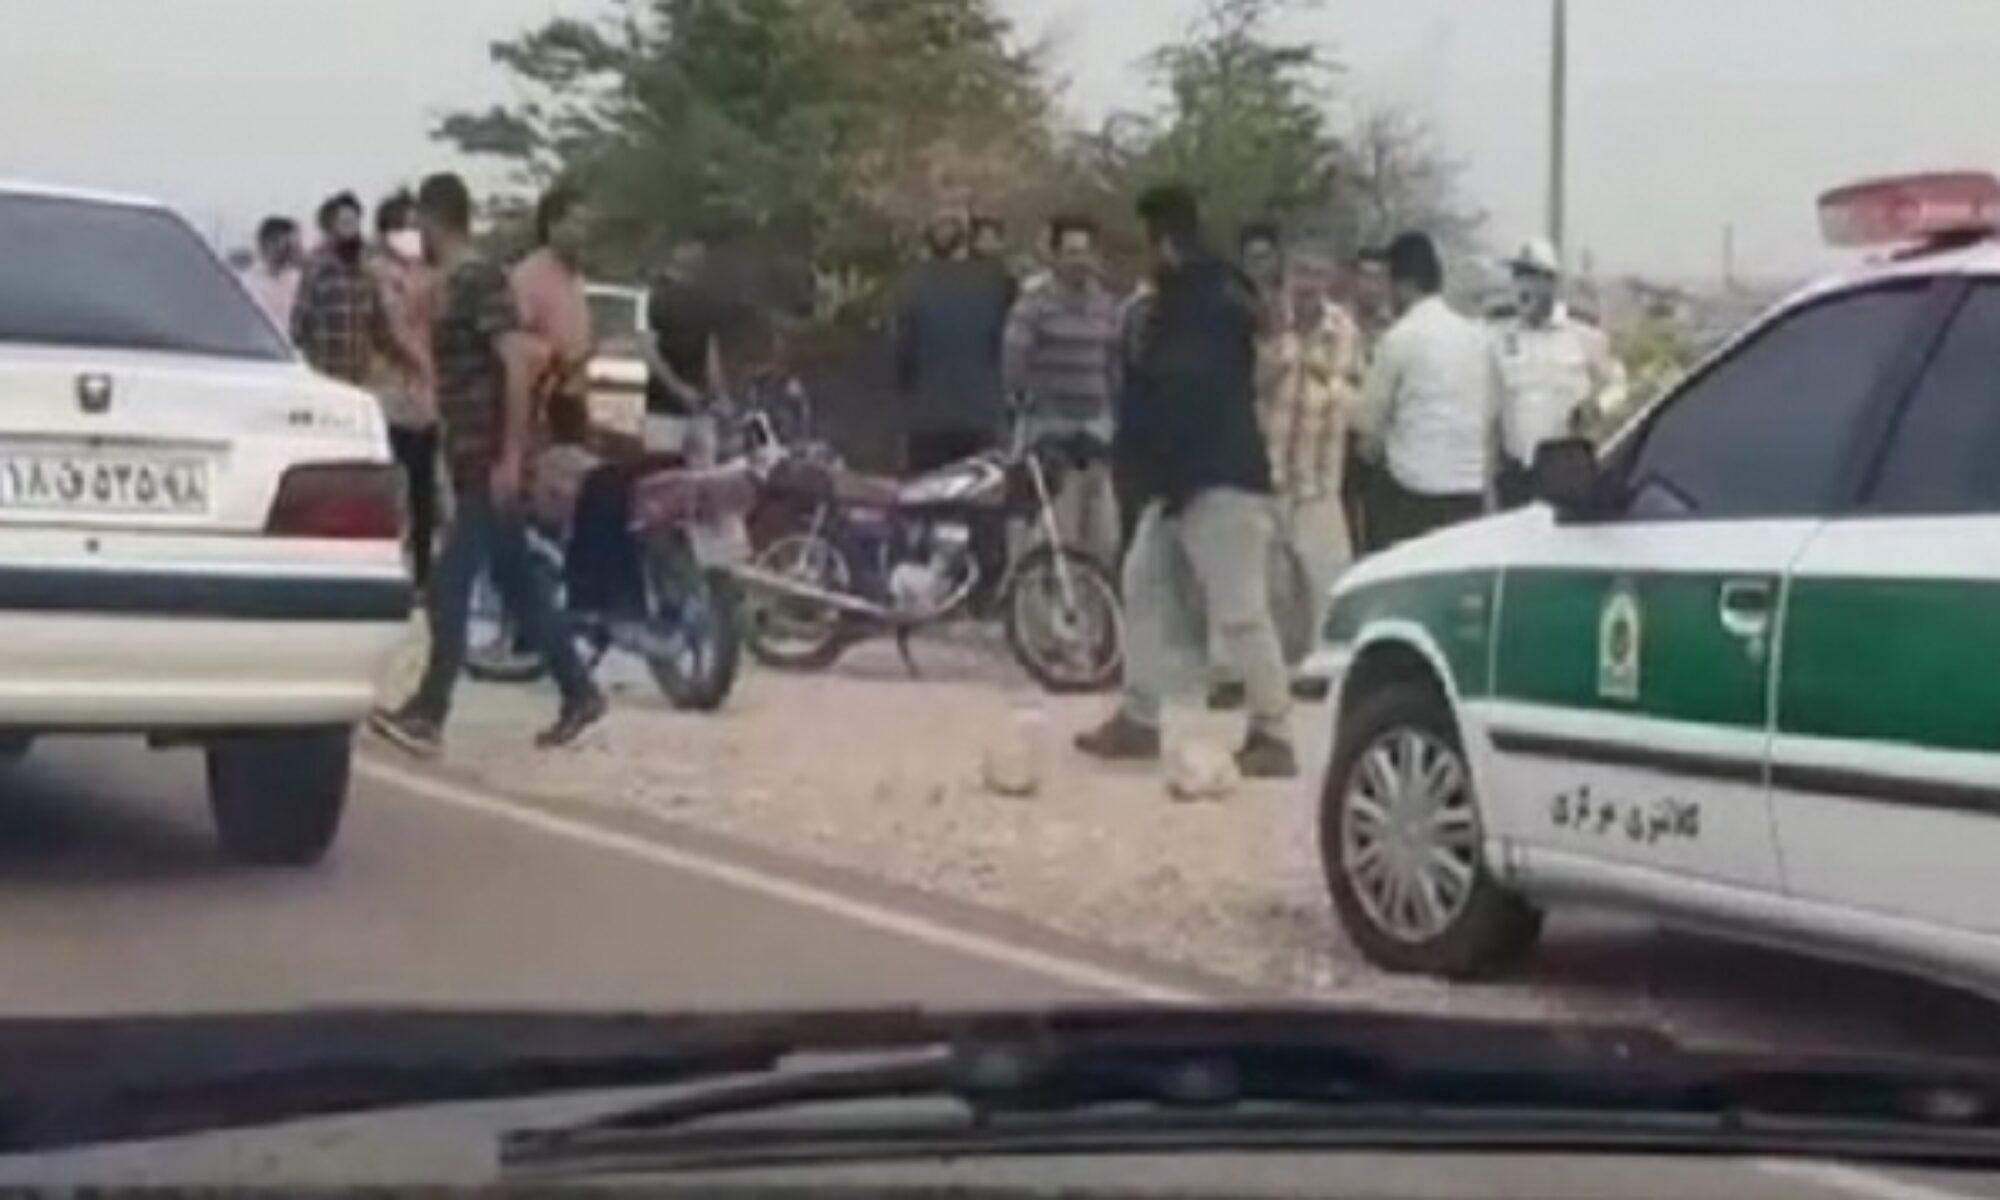 İran Kürt köylülerin topraklarına el koymak istiyor; halk ve güvenlik güçleri çatıştı